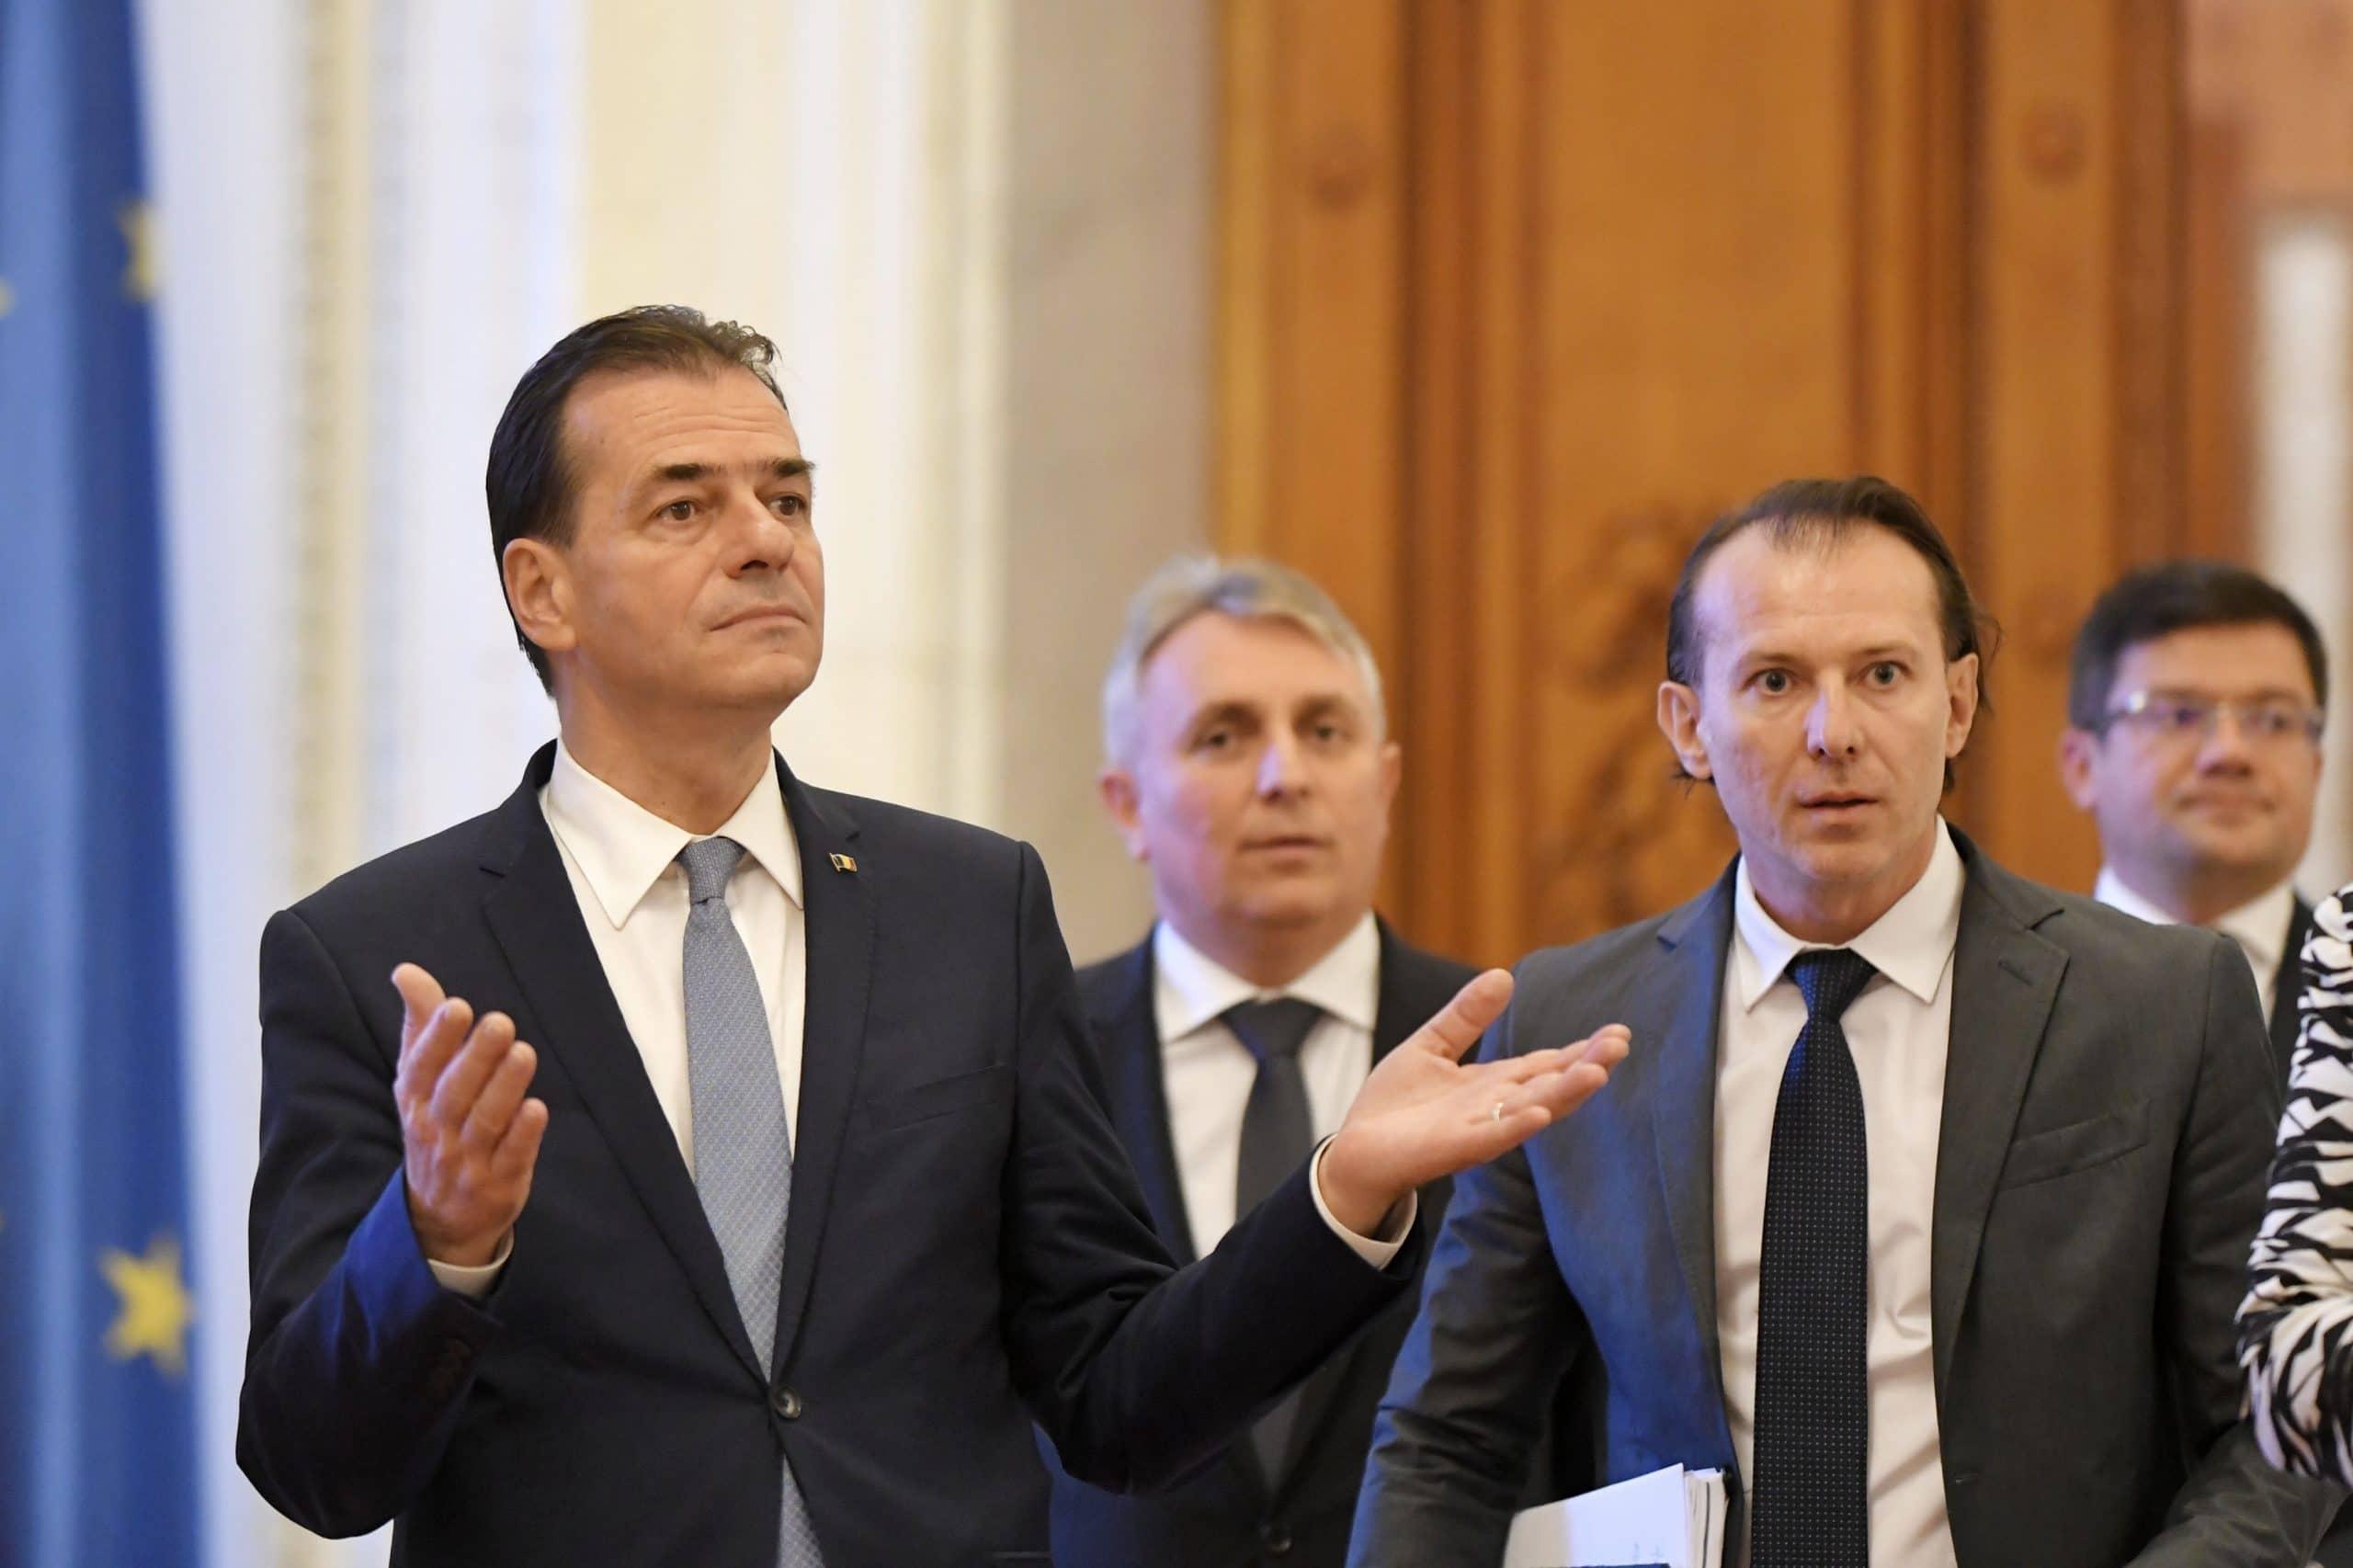 Florin Citu Ludovic Orban